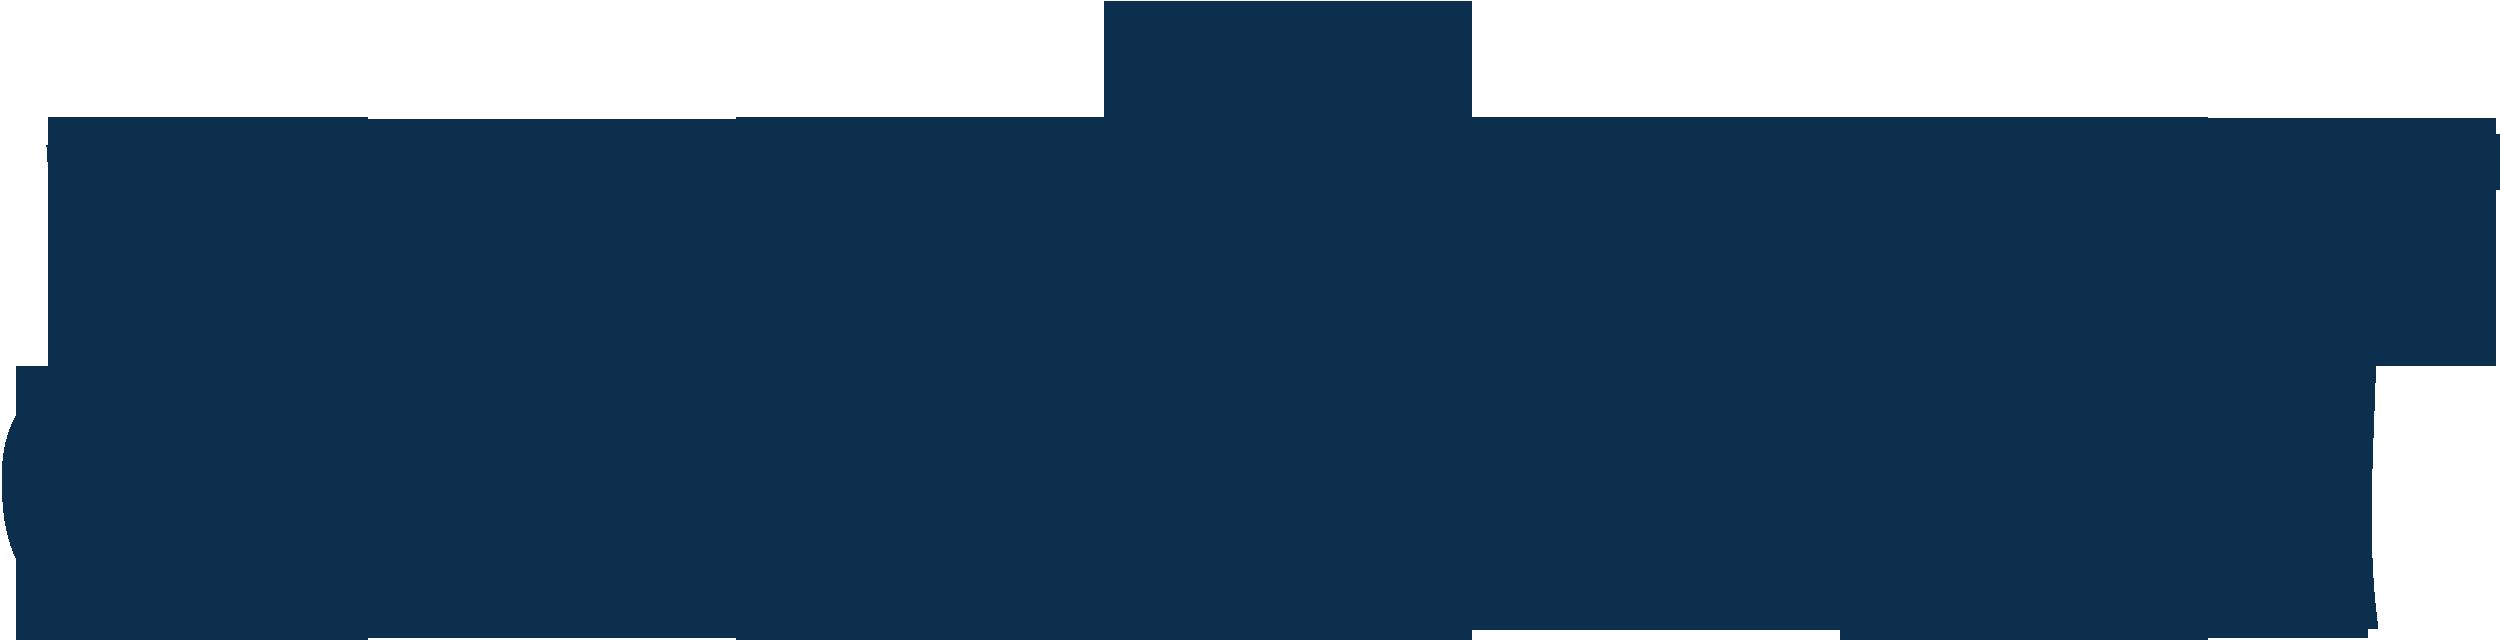 Aetna Logo Blue